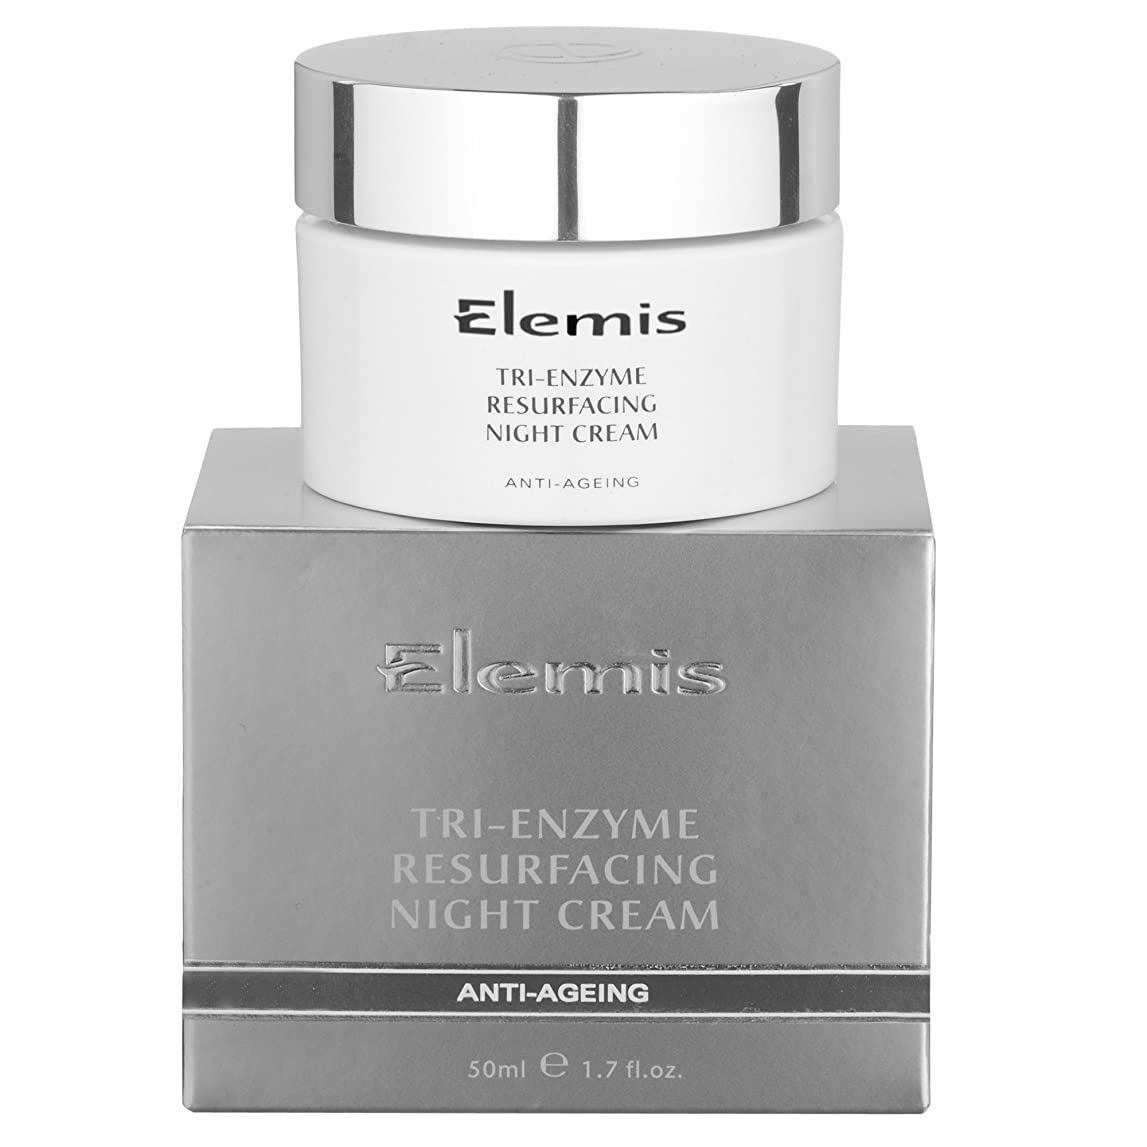 気楽なジャニス骨折エレミストライ酵素再舗装ナイトクリーム (Elemis) (x6) - Elemis Tri-Enzyme Resurfacing Night Cream (Pack of 6) [並行輸入品]